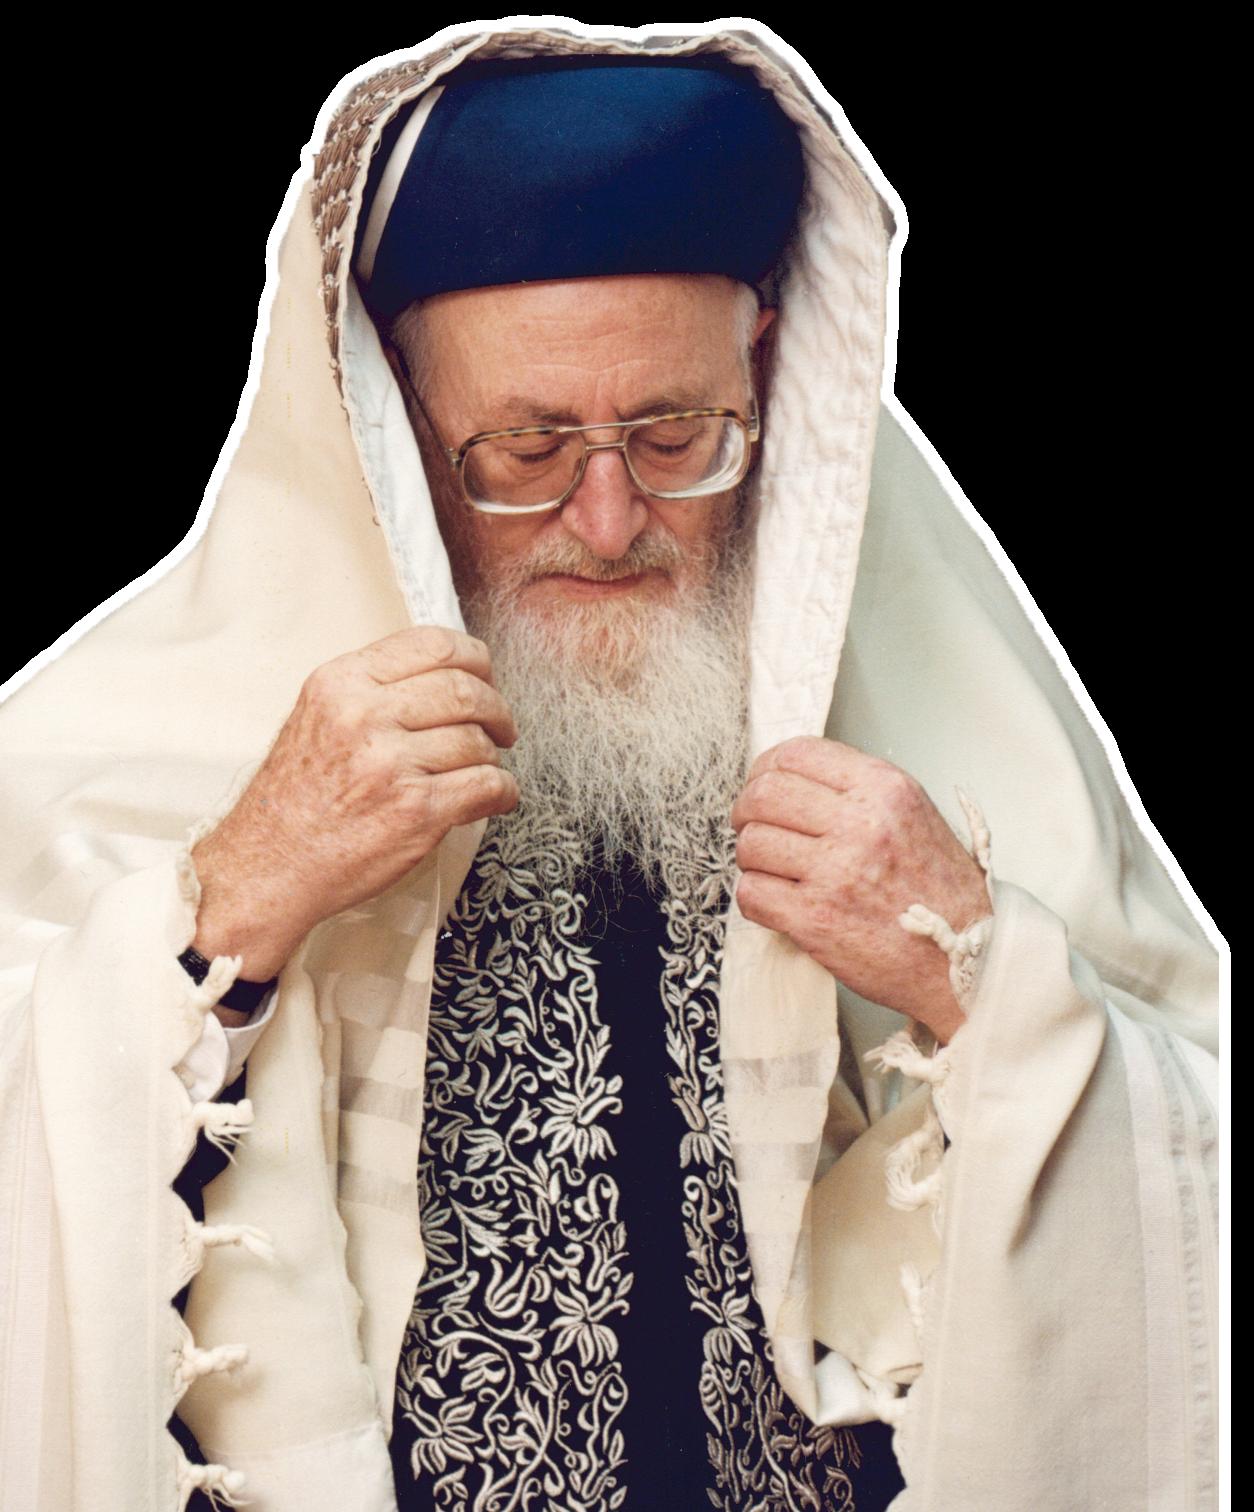 קודשא הרב מרדכי אליהו